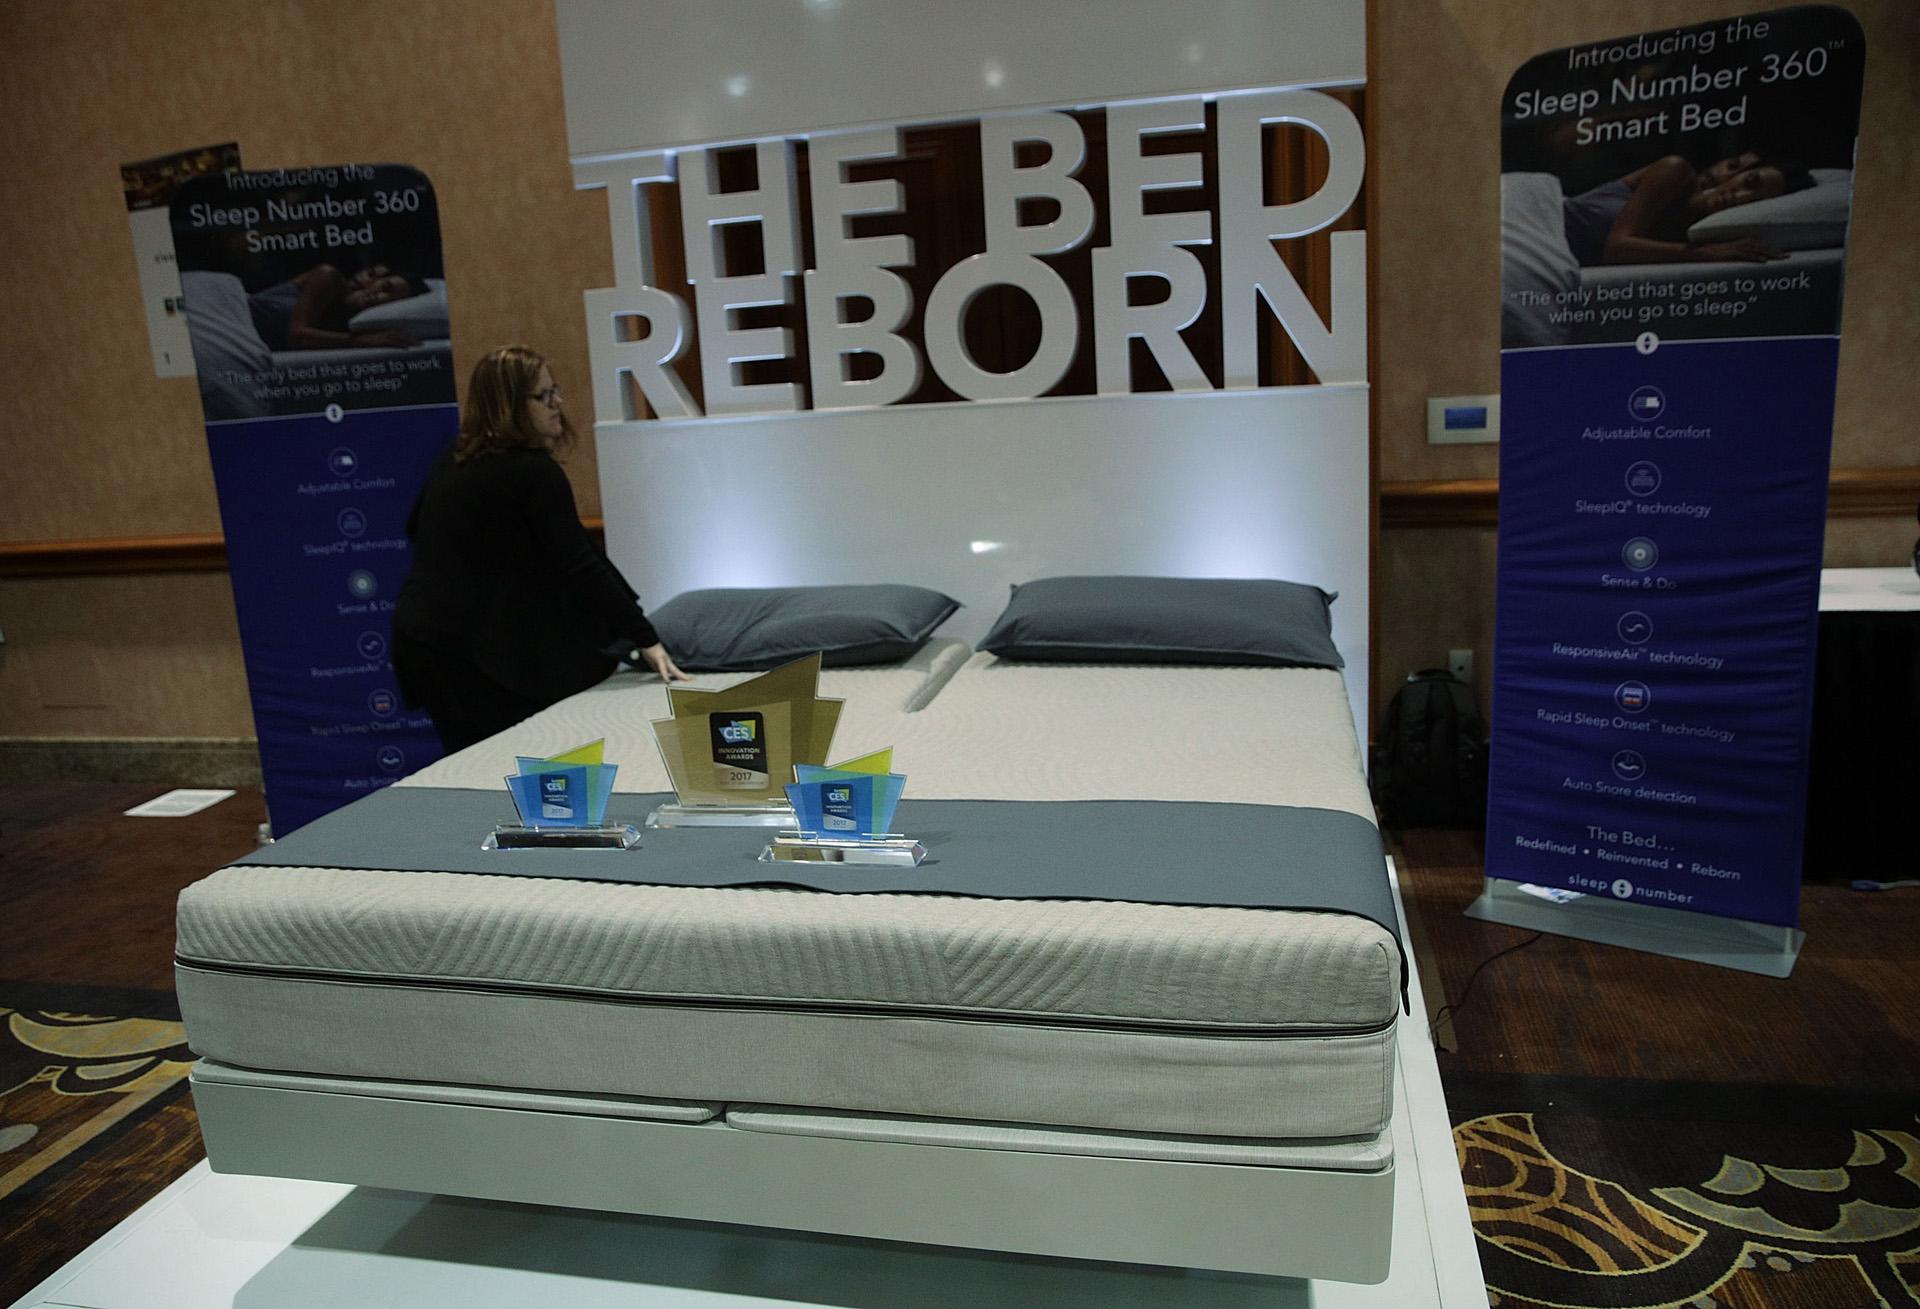 Sleep Number 360, una cama inteligente que percibe el peso y ubicación del usuario y se ajusta para proporcionar el confort adecuado (Alex Wong/Getty Images/AFP)